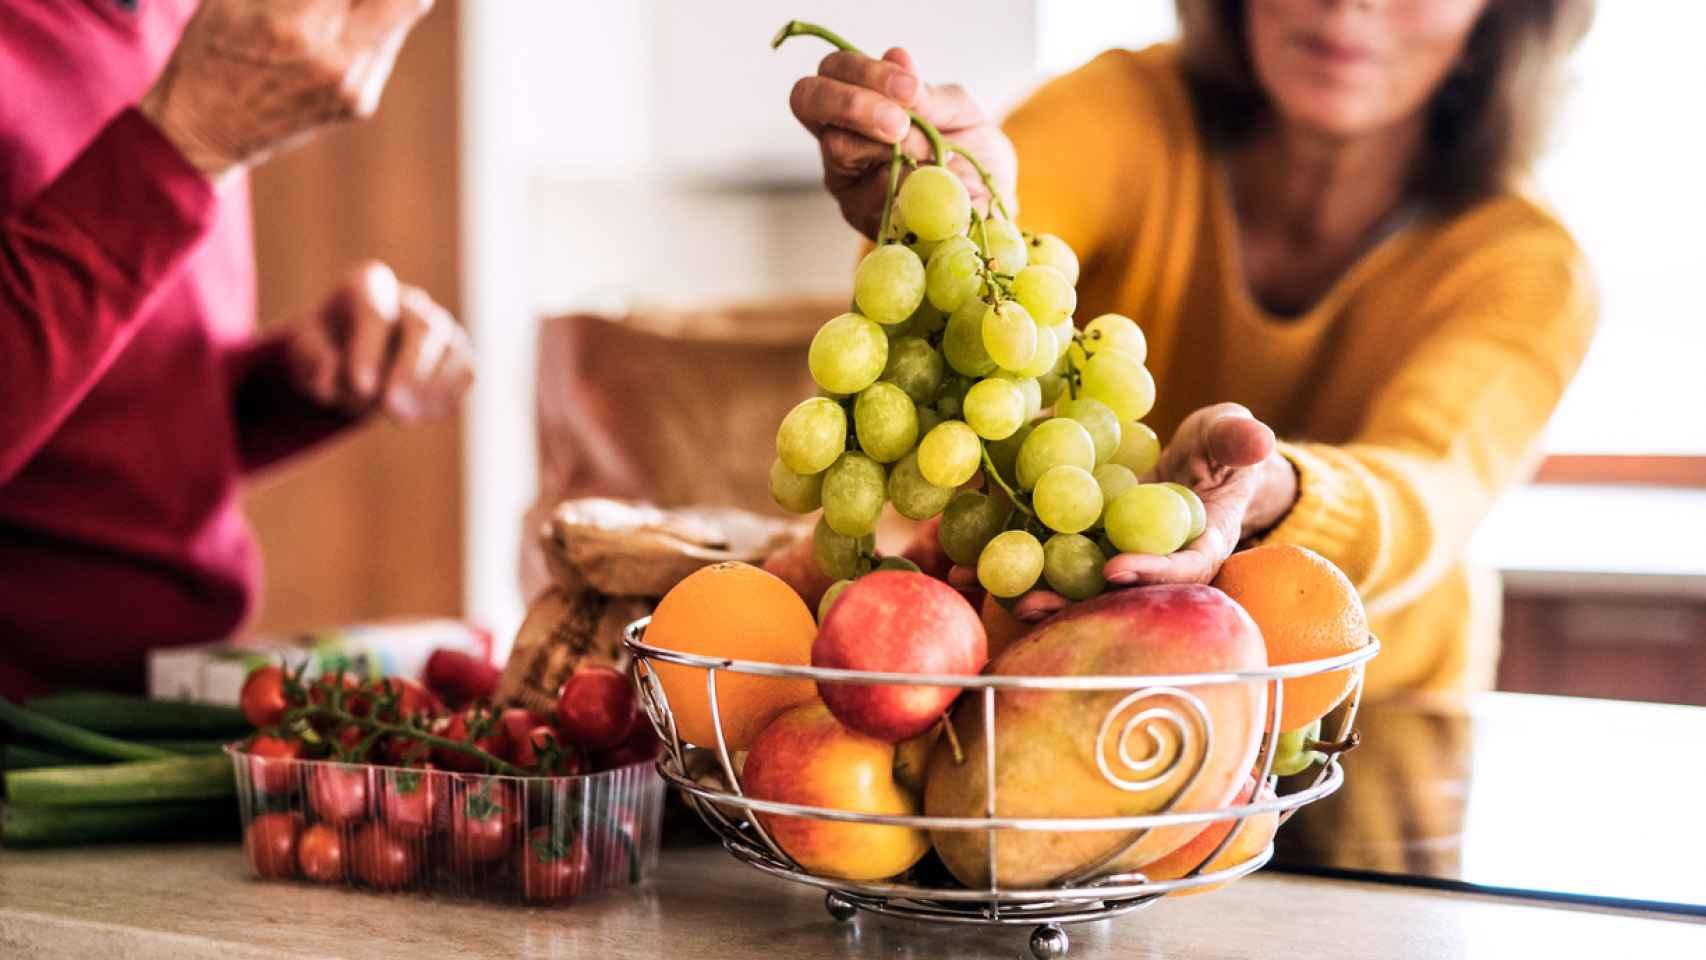 Decora tu hogar con estos fruteros originales y baratos de Amazon